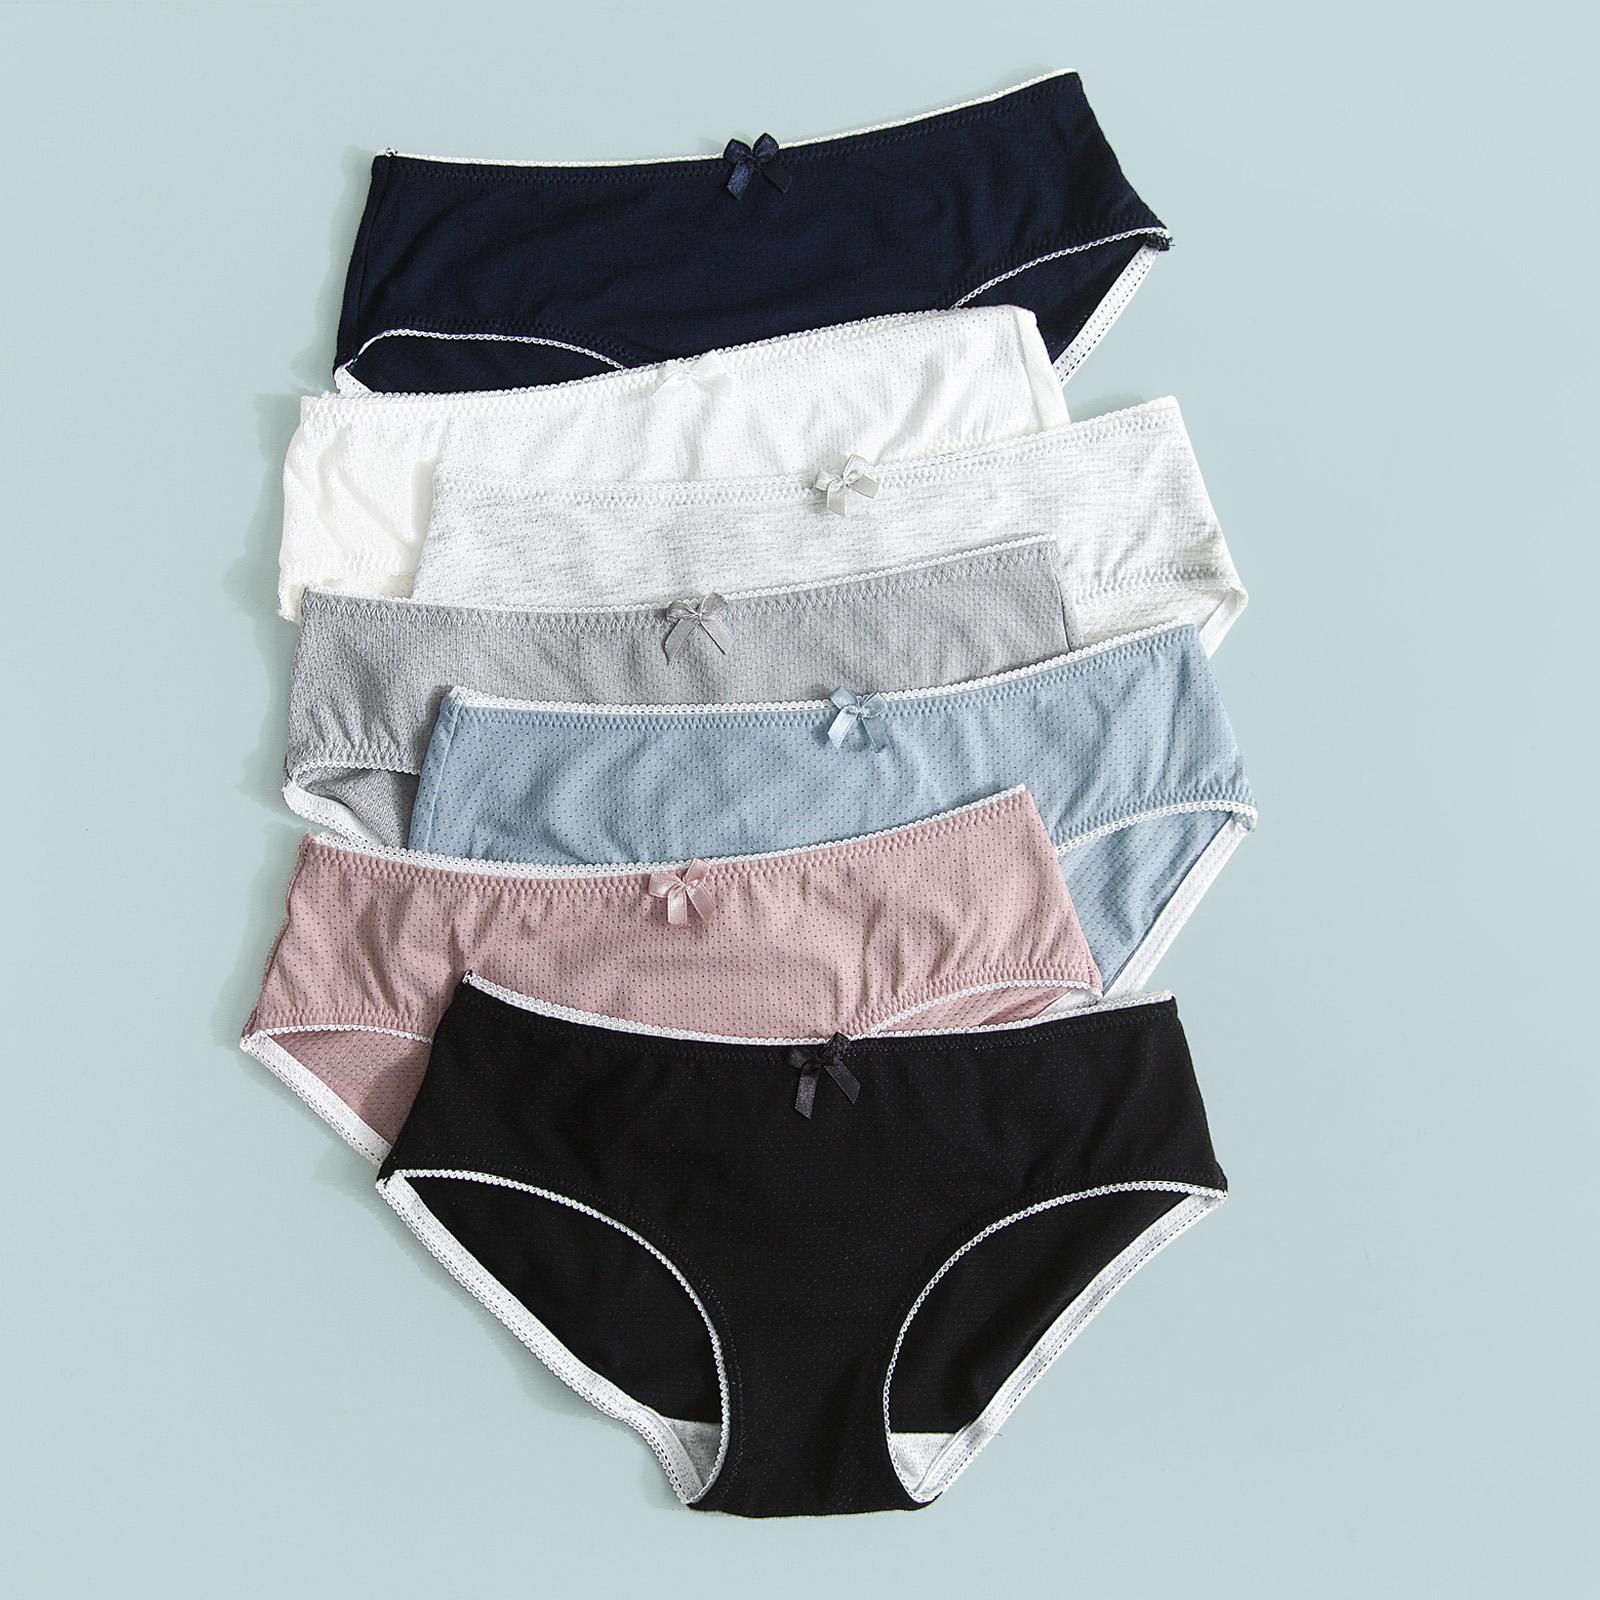 25.80元包邮三角内裤少女士纯棉抗菌低腰日系可爱甜美夏季超薄款透气夏天底裤